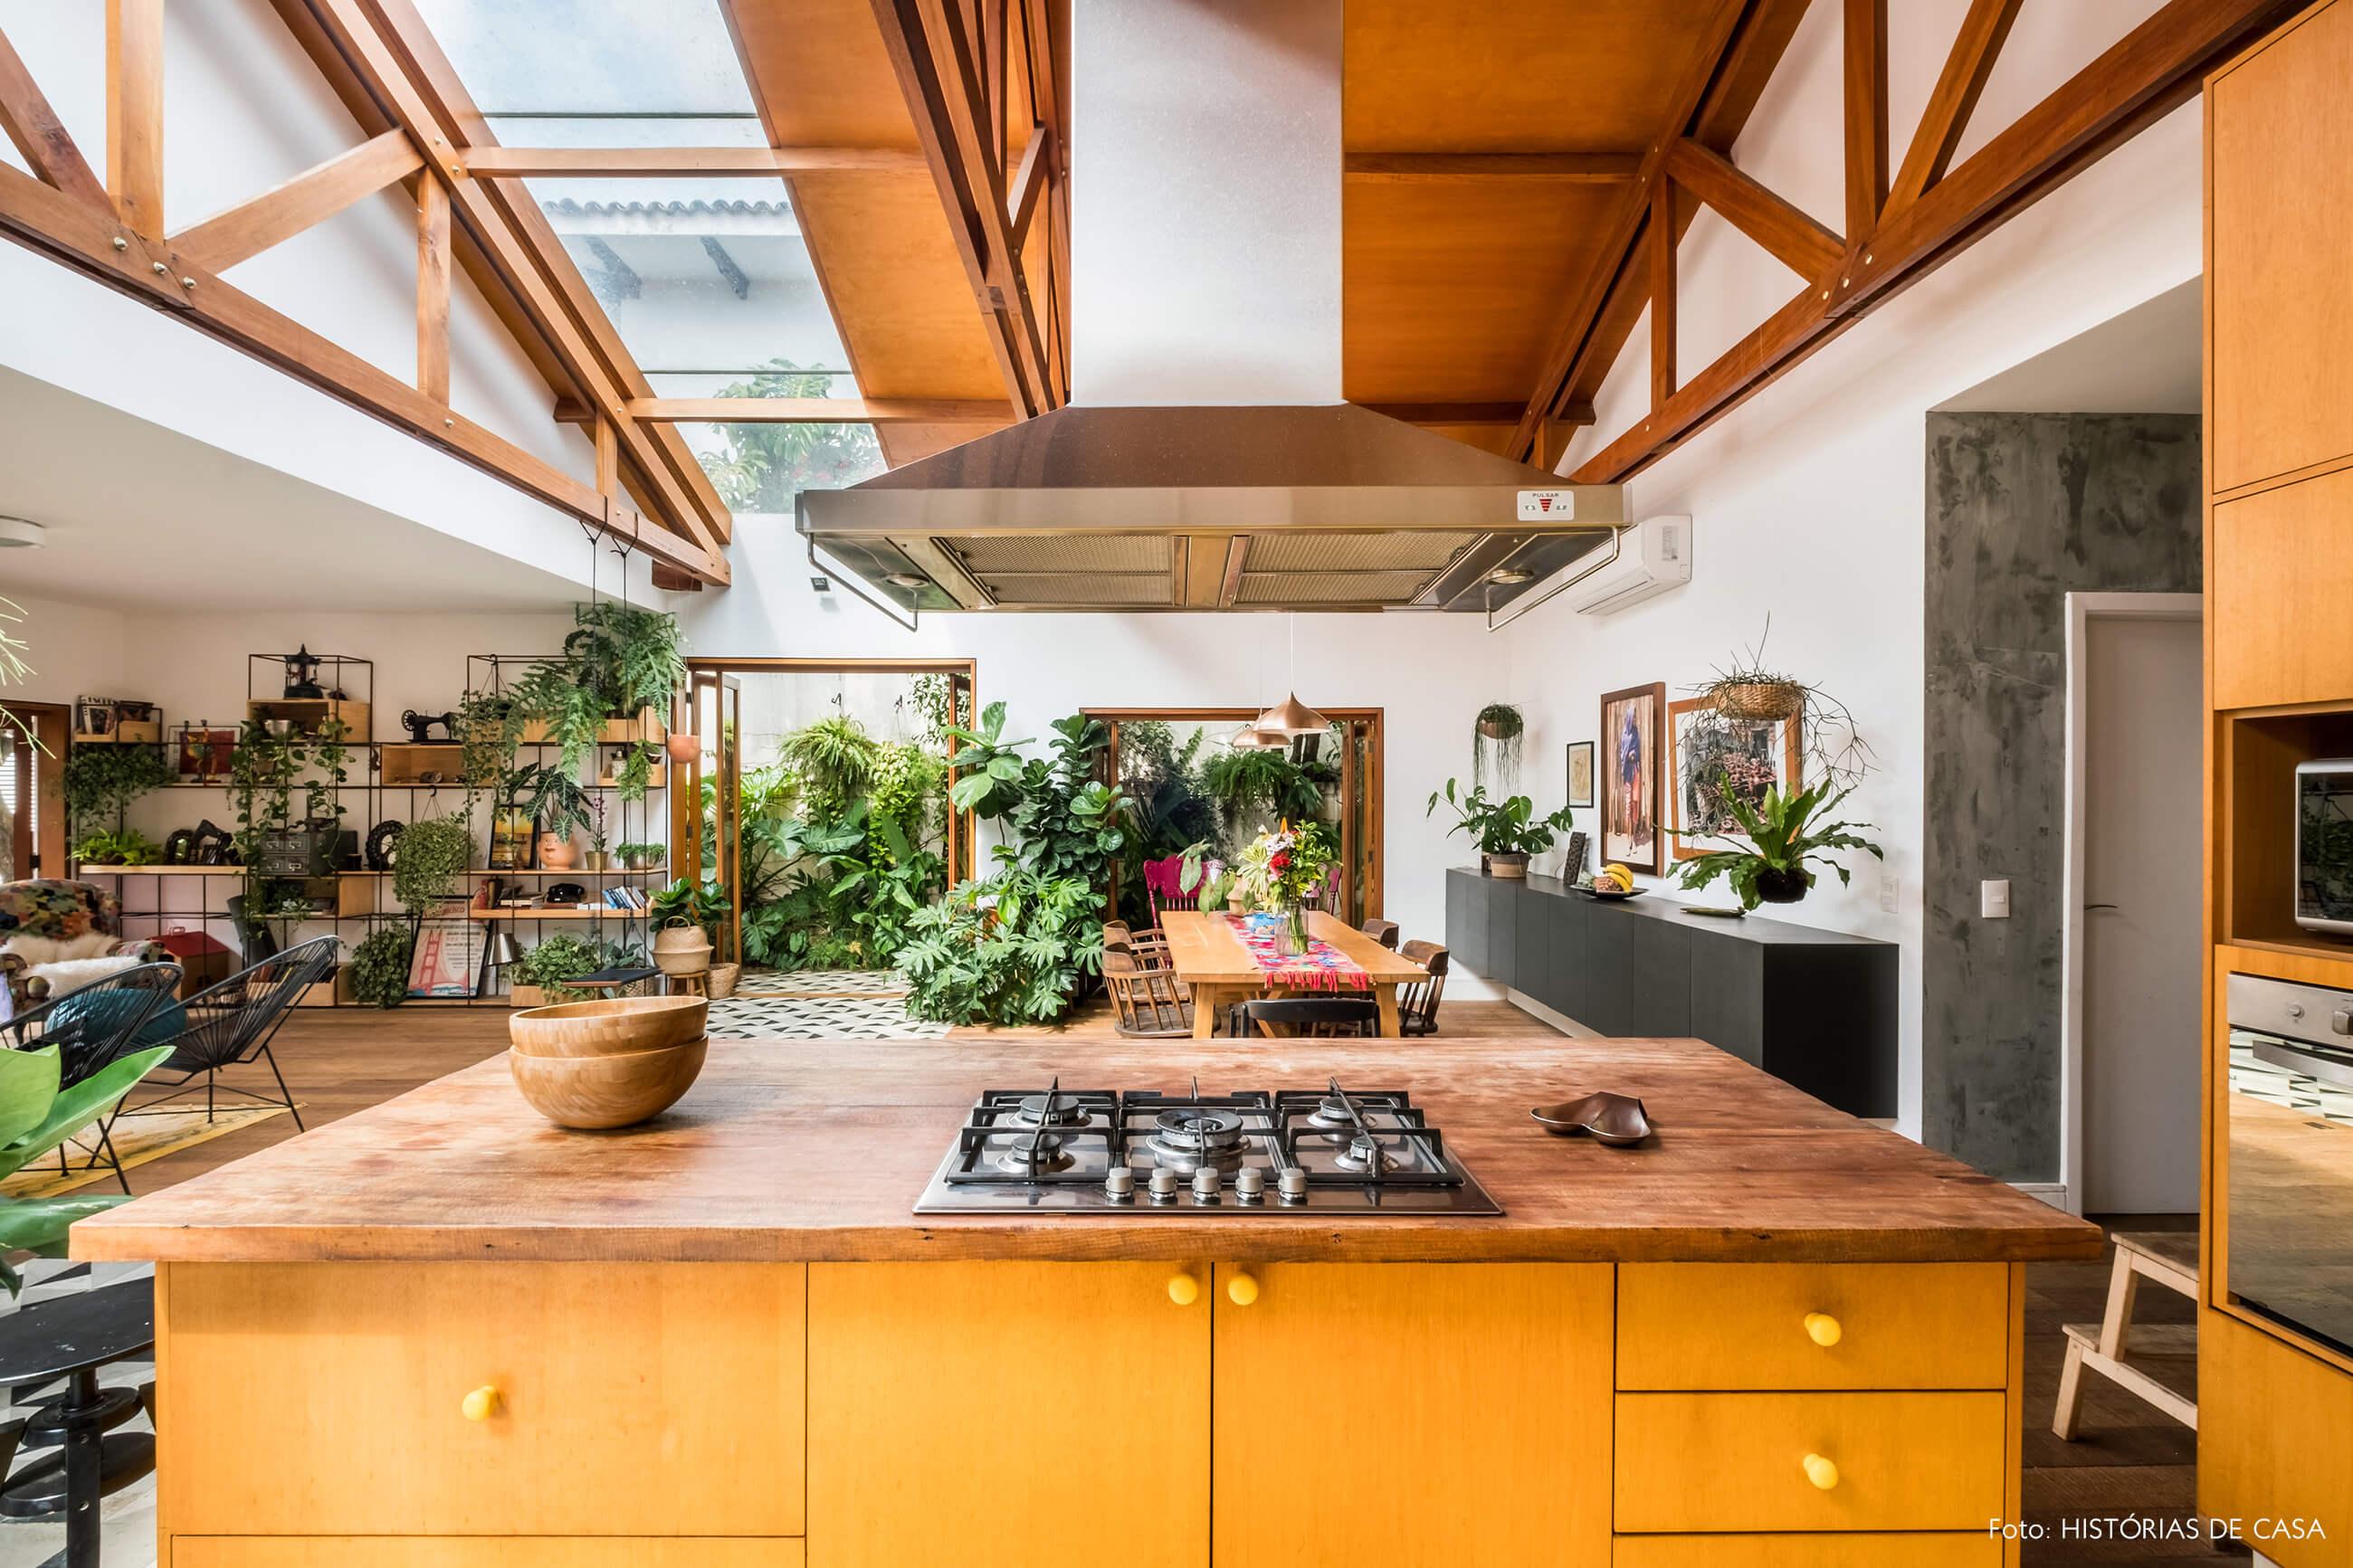 Cozinha com ilha e forro de madeira